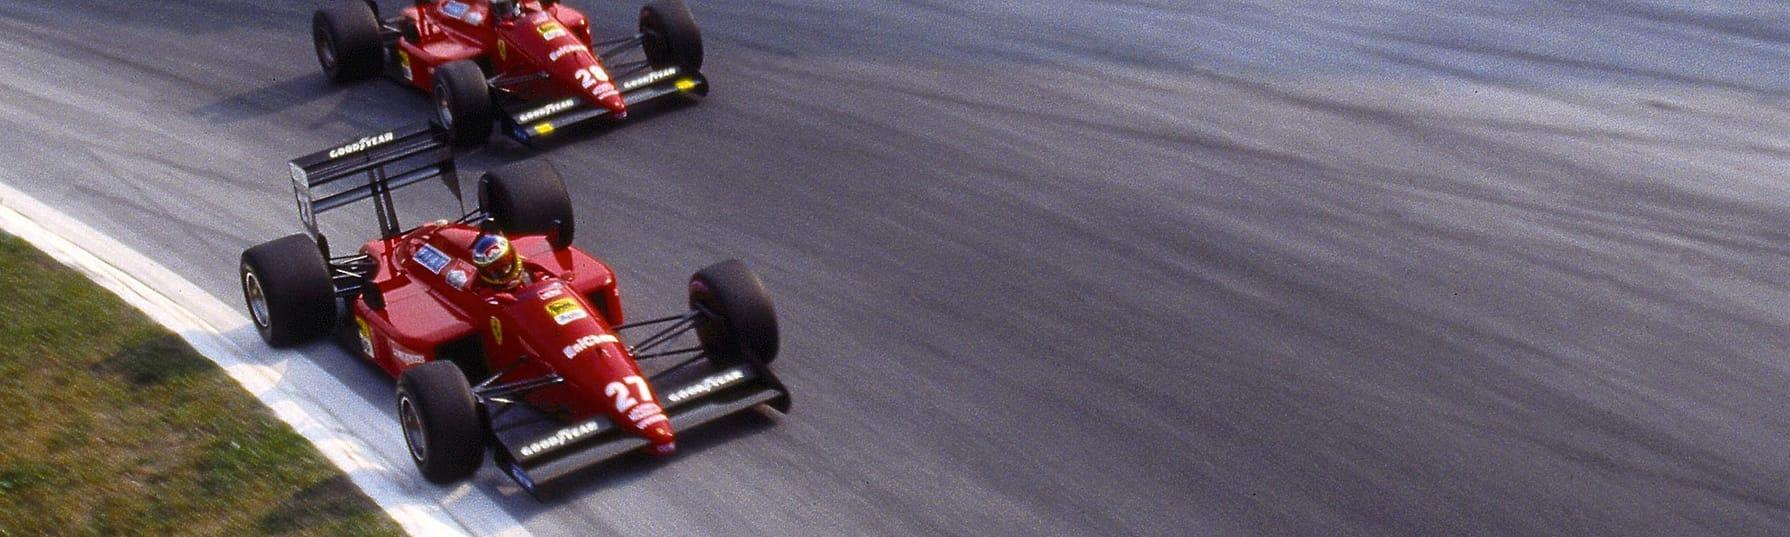 ferrari F1 87-88C - Michele alboreto - Silverstone 1988